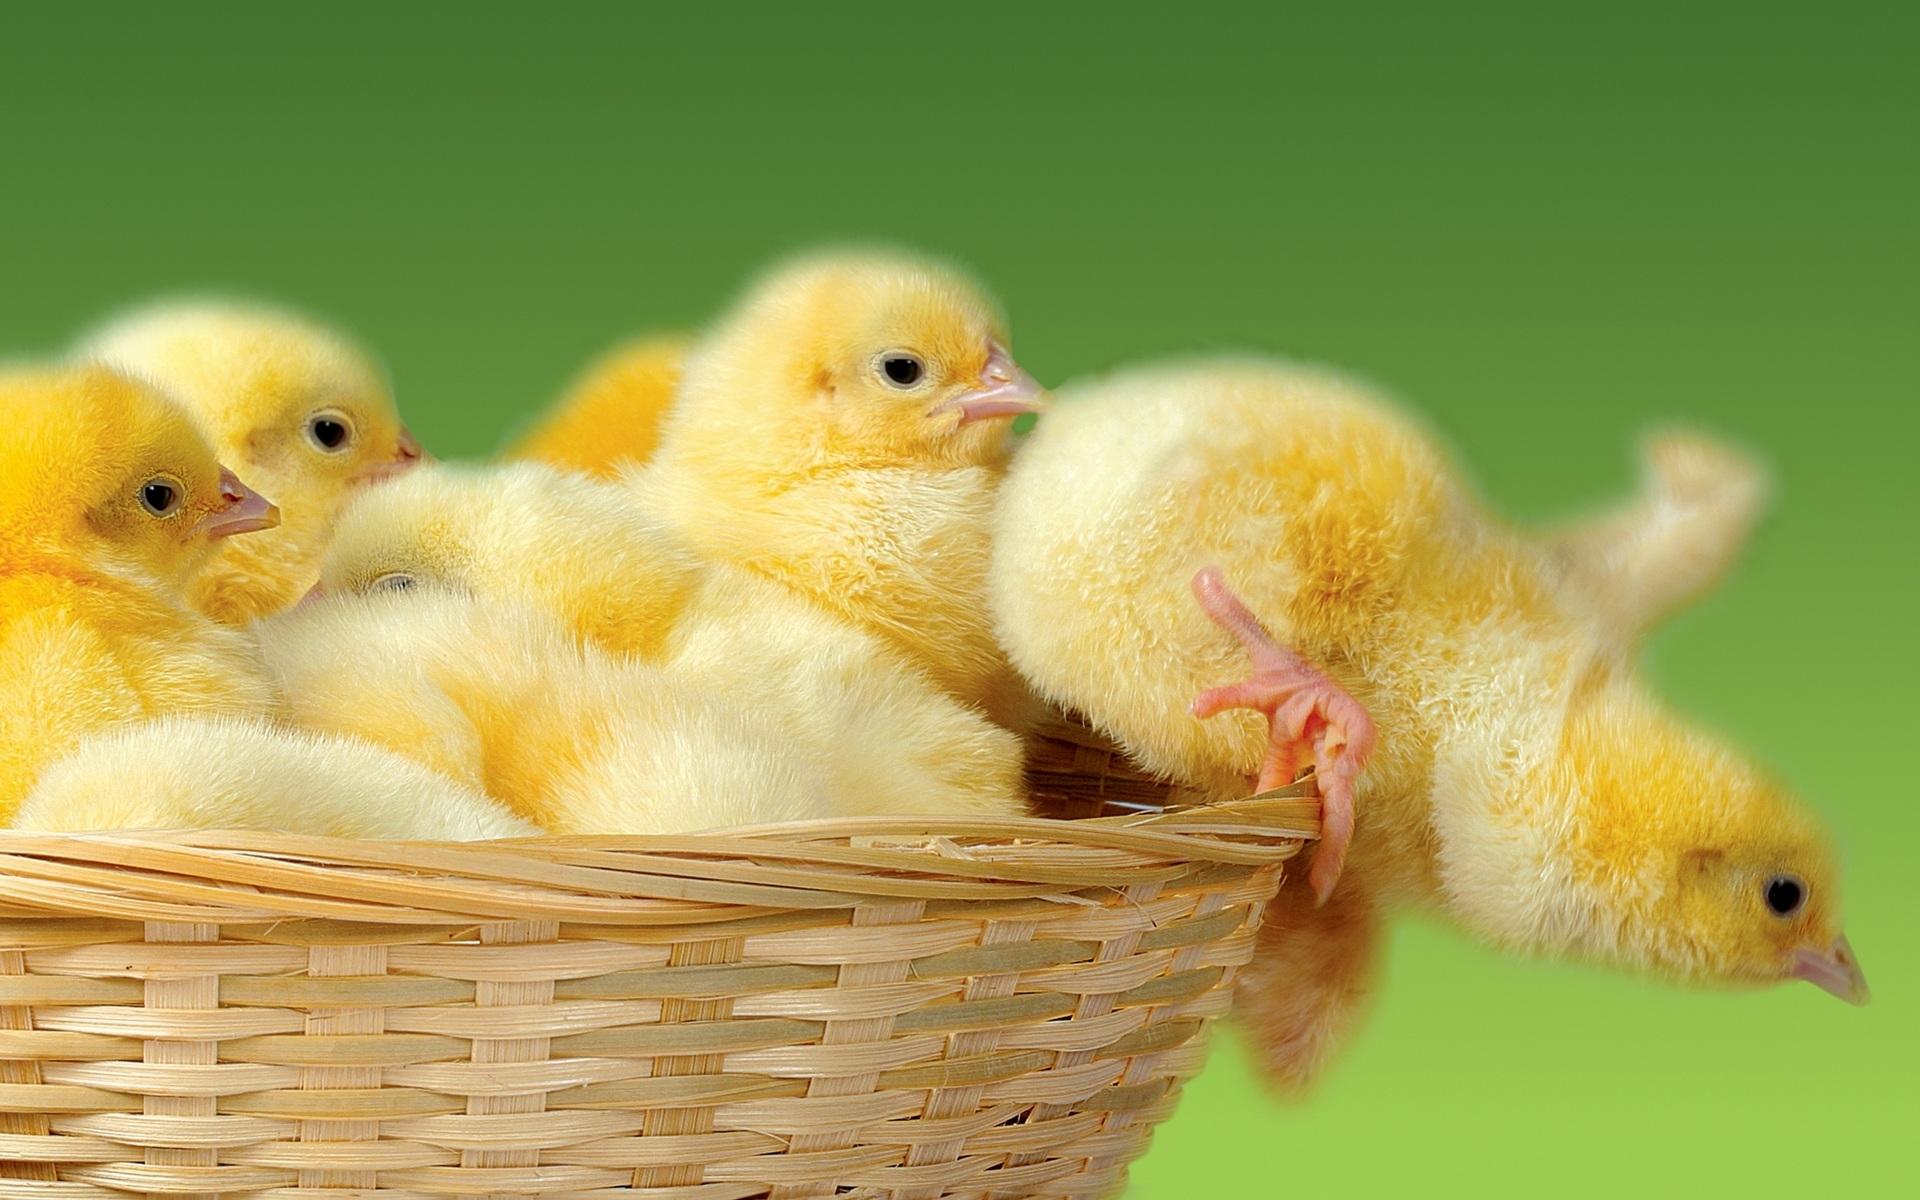 Вывод цыплят в домашних условиях: хранение яиц, закладка в инкубатор, стадии инкубации